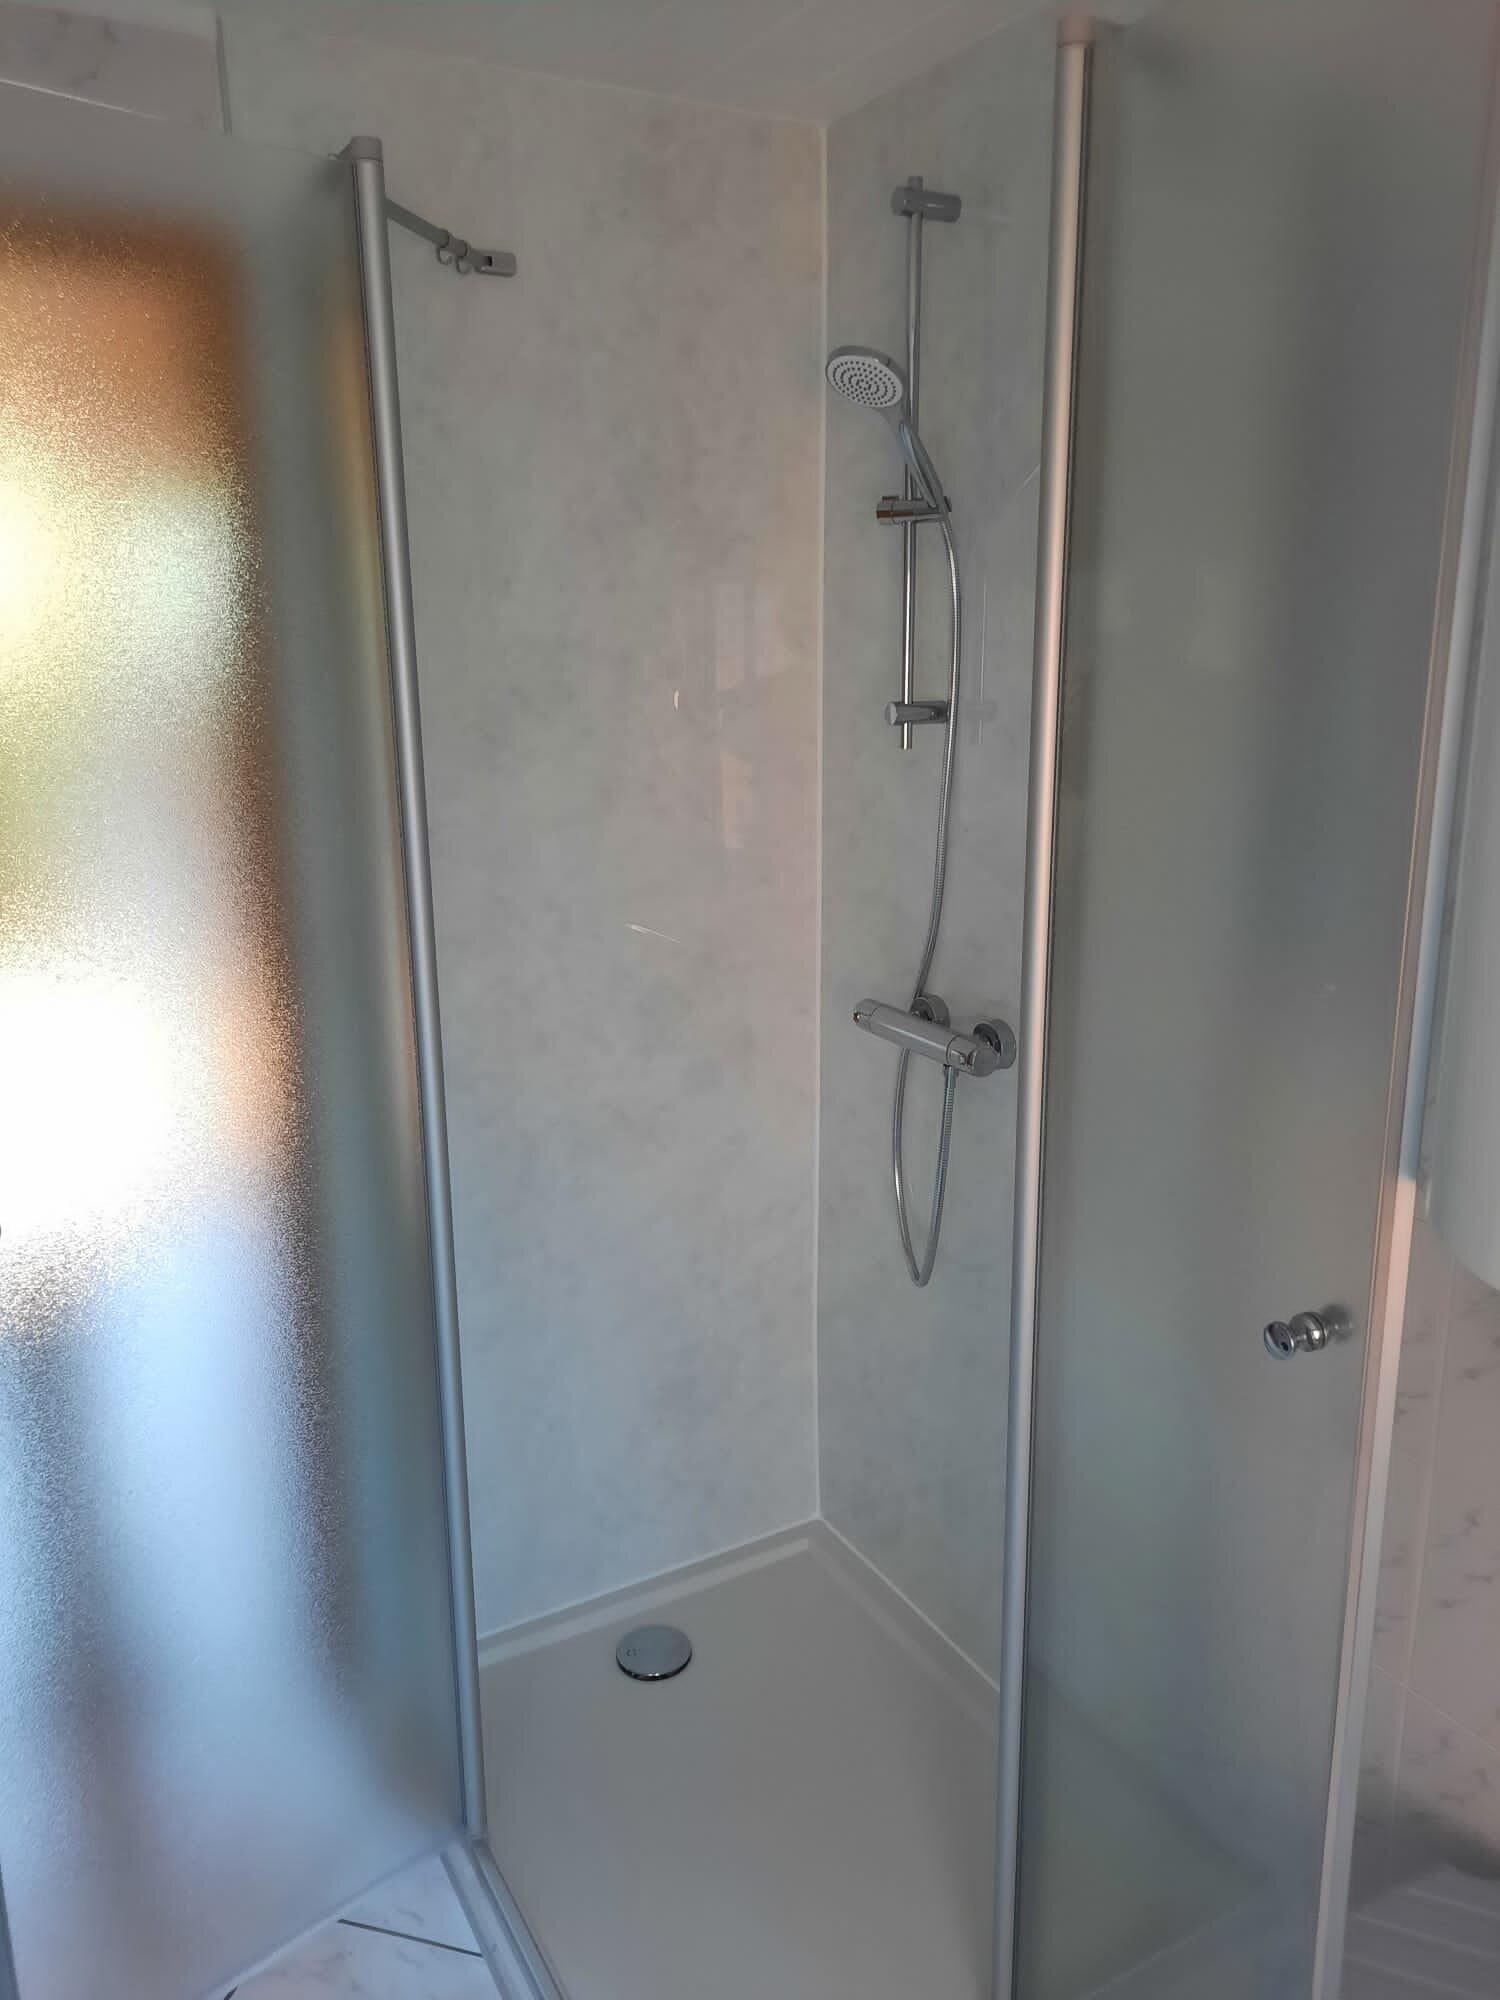 Treppenaufgang zum Schlafboden